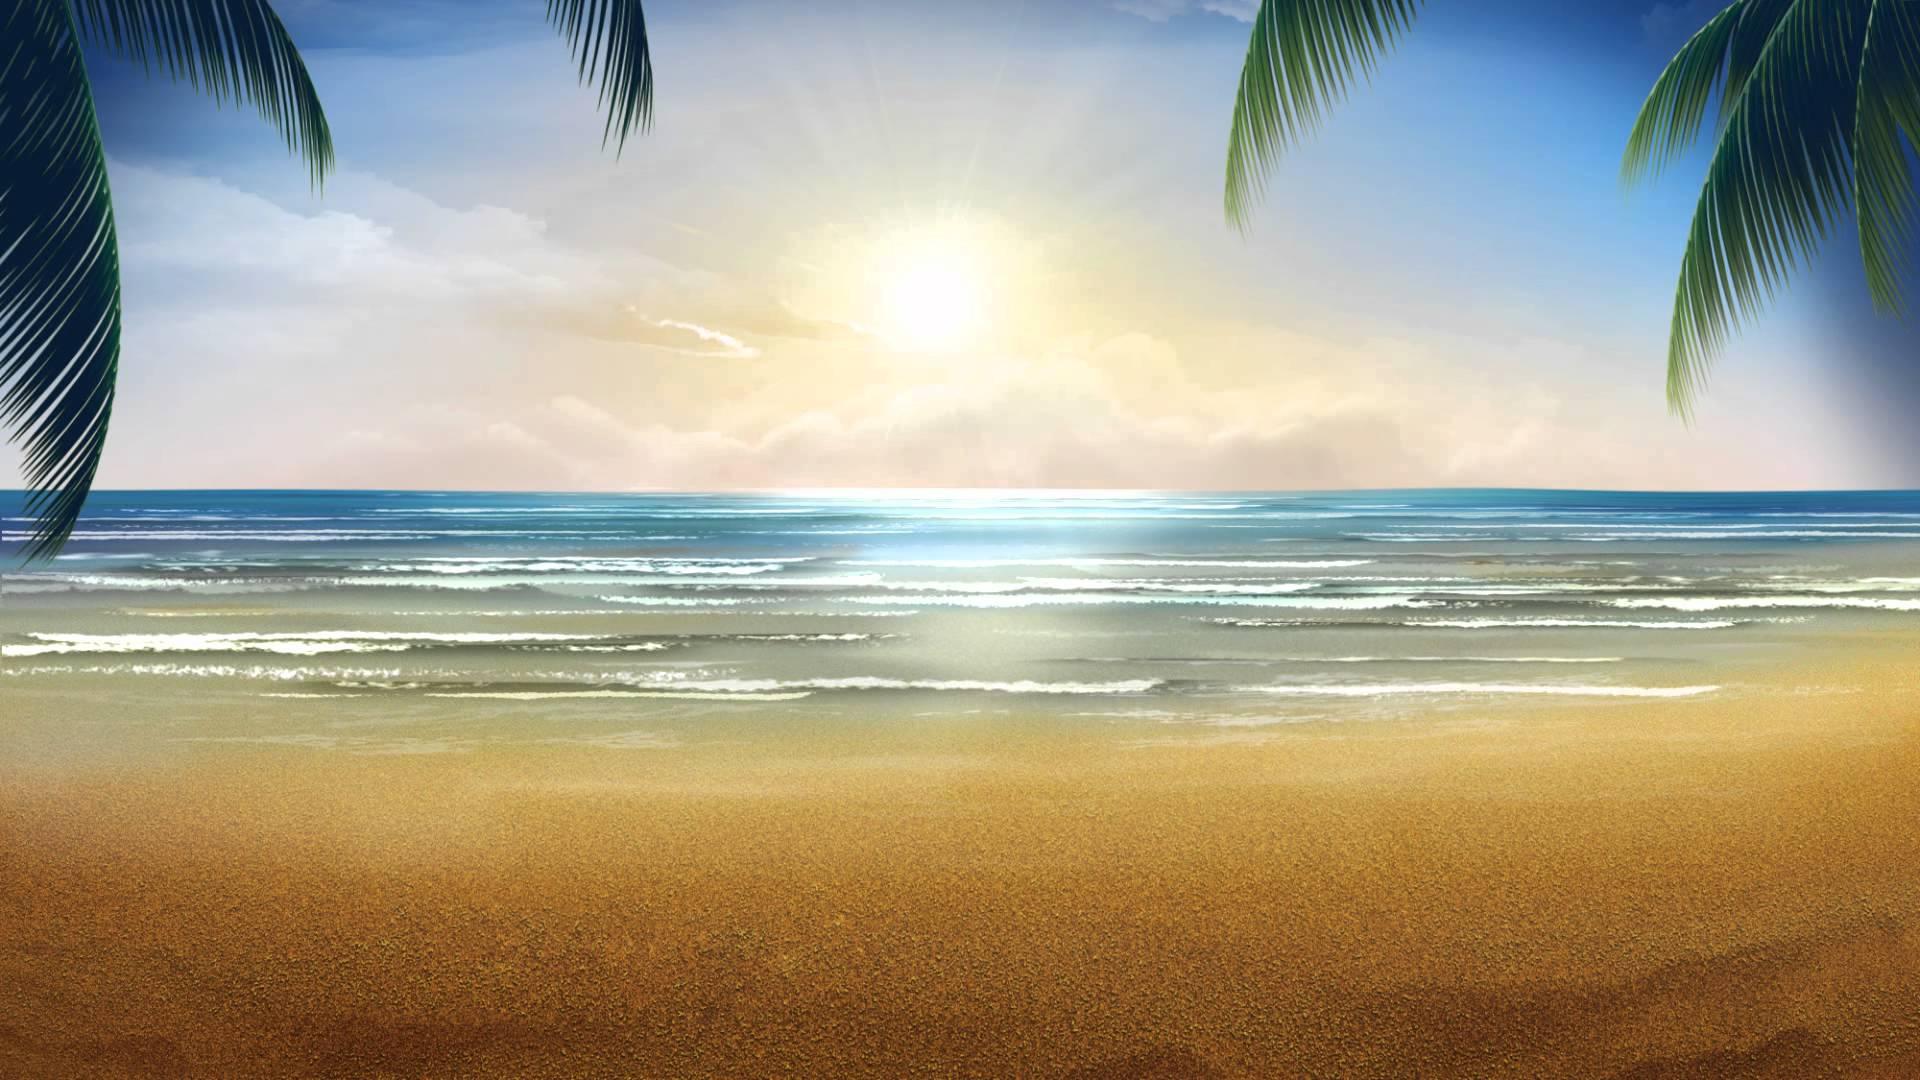 بالصور خلفيات بحر , خلفيات بحر في اوقات مختلفة 3997 5